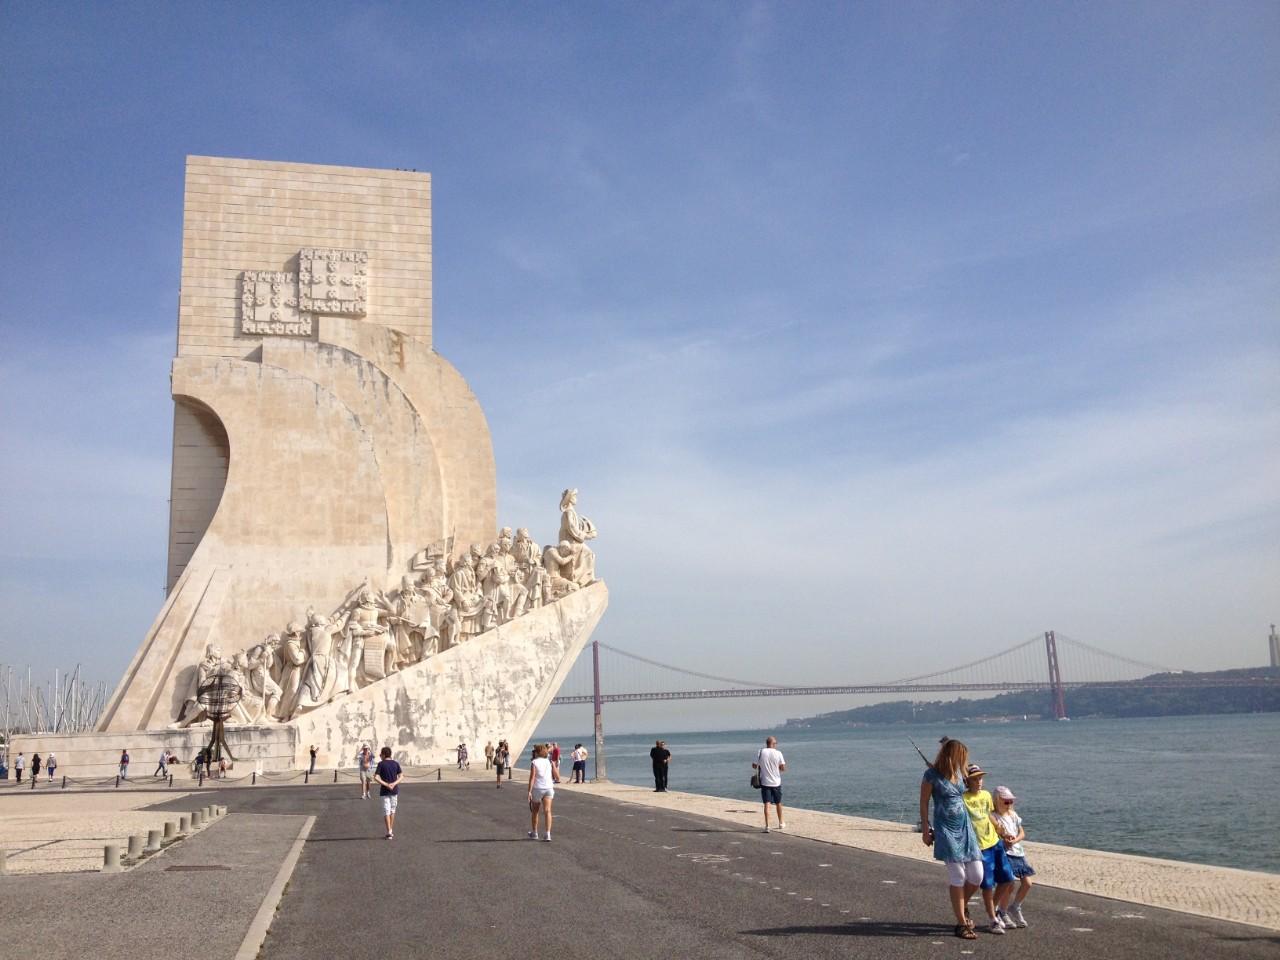 Lisboa no inverno: Padrão do Descobrimento